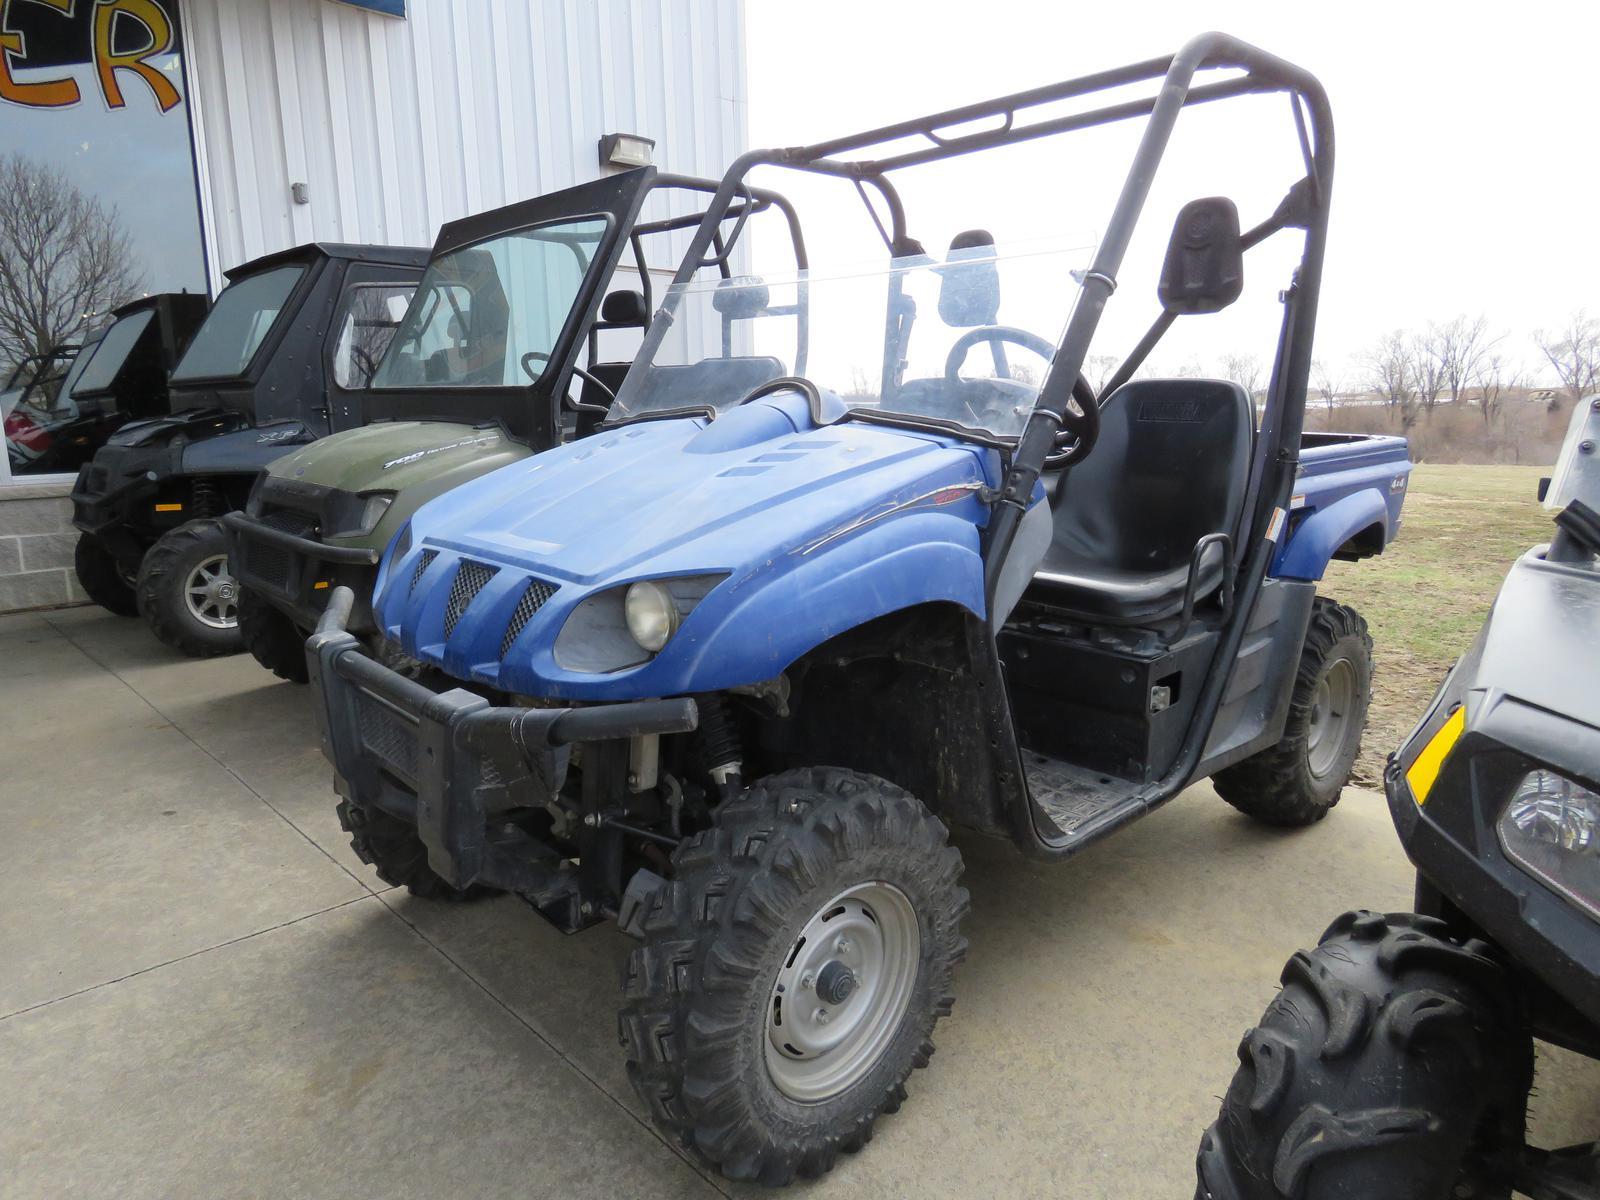 2009 Yamaha Rhino 700 For Sale In Iowa City Ia Sun Fun Fuel Filter Location 1 6